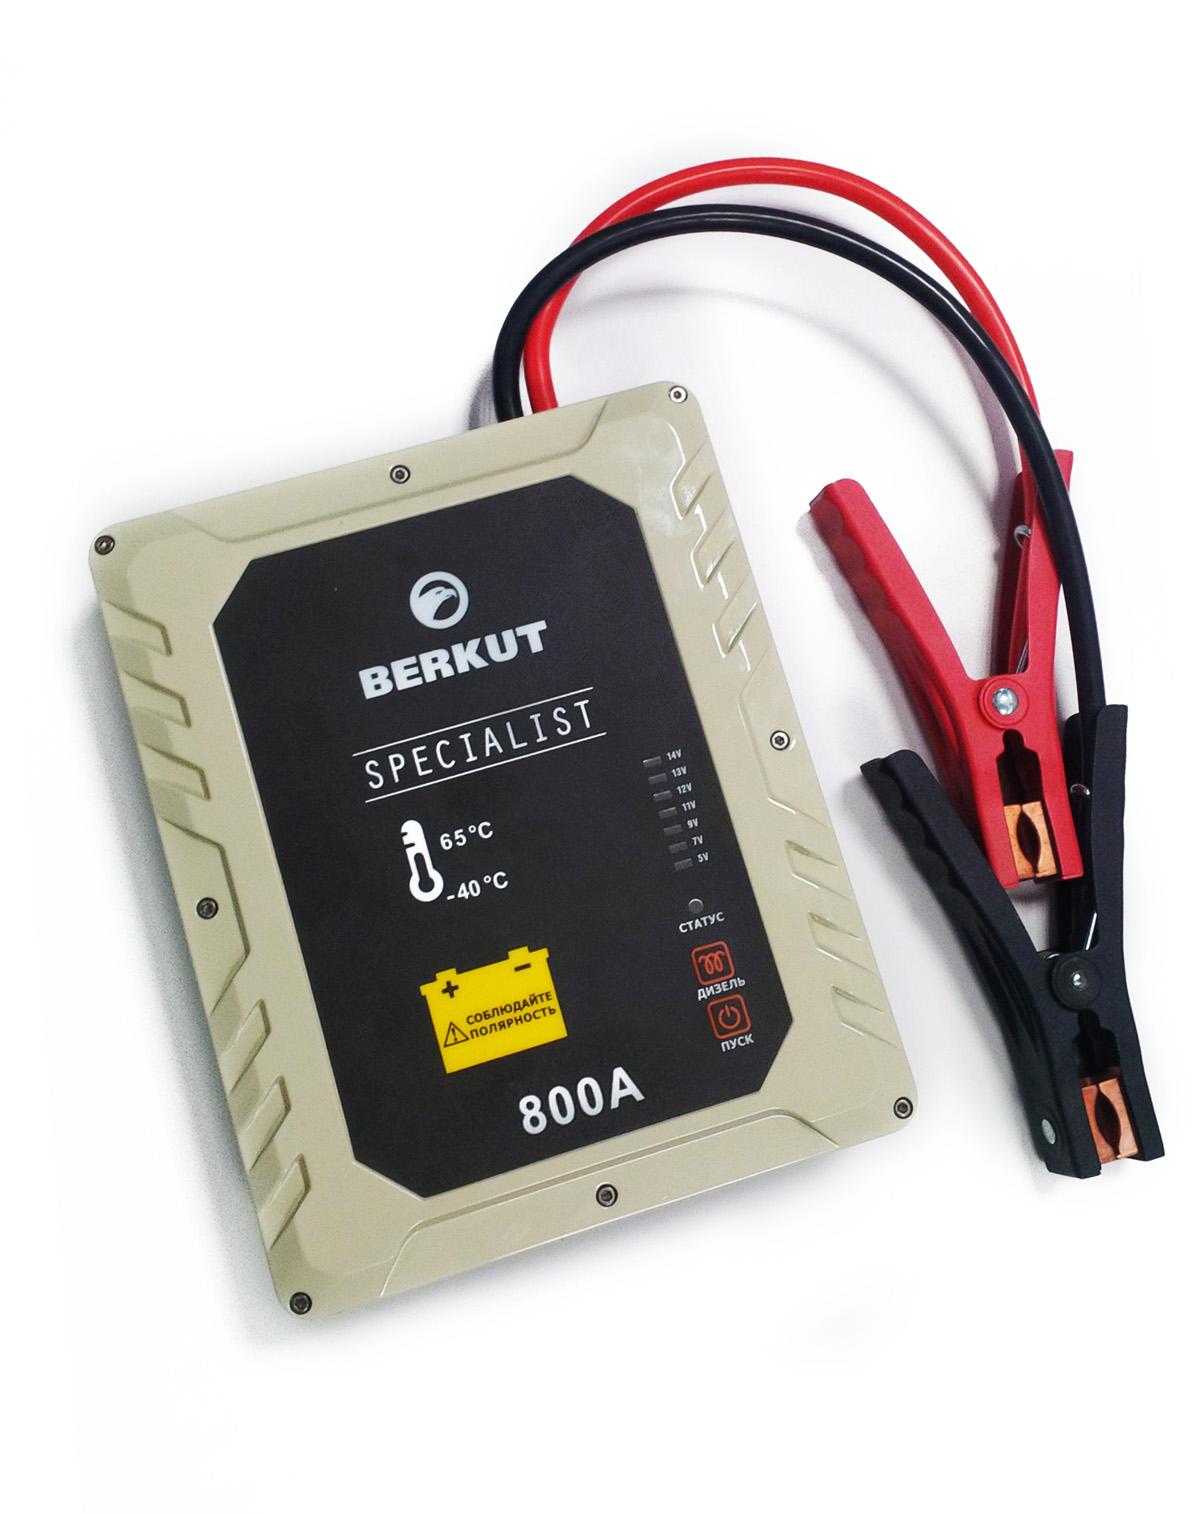 Пуско-зарядное устройство Berkut. JSC800JSC-800Это специальное пусковое автомобильное устройство конденсаторного типа предназначено для аварийного запуска двигателя транспортного средства в случае неисправной АКБ. Главным достоинством устройства, отличающим его от прочих аналогов, является отсутствие аккумуляторов. Вместо них применены электроконденсаторы сверхбольшой емкости (ионисторы). Применение конденсаторного накопителя заряда позволяет гарантированно запустить двигатель автомобиля как с основательно разряженной АКБ, причем даже в том случае, когда ее остаточная емкость составляет всего 5%, так и без аккумулятора с предварительной зарядкой от АКБ или розетки прикуривателя другого автомобиля, а также от зарядного устройства с разъемом микро USB. Пусковое устройство рекомендовано для любых типов транспортных средств с бензиновым двигателем до 6000 см.куб. и дизельным двигателем до 4000 см.куб и напряжением бортовой сети 12В. Технические характеристики: - Напряжение на клеммах: 12 В - Пусковой ток: 800 A - Тип конденсаторов:...